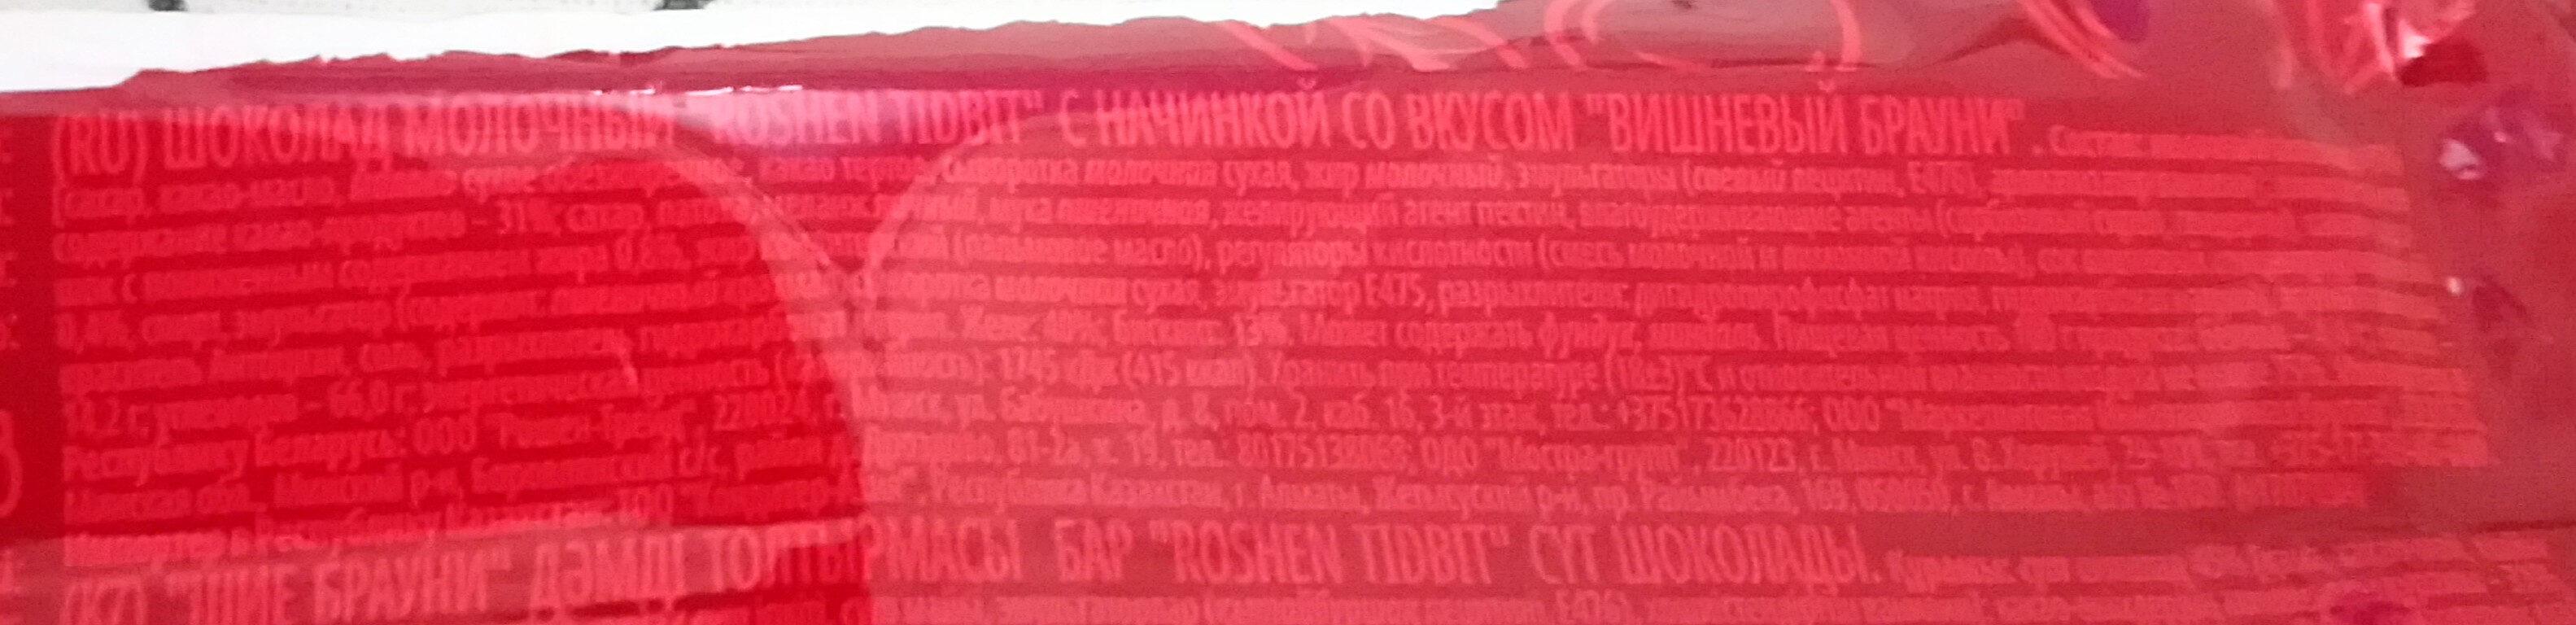 TidBit Milk Chocolate & Cherry Brownie - Ingredients - en